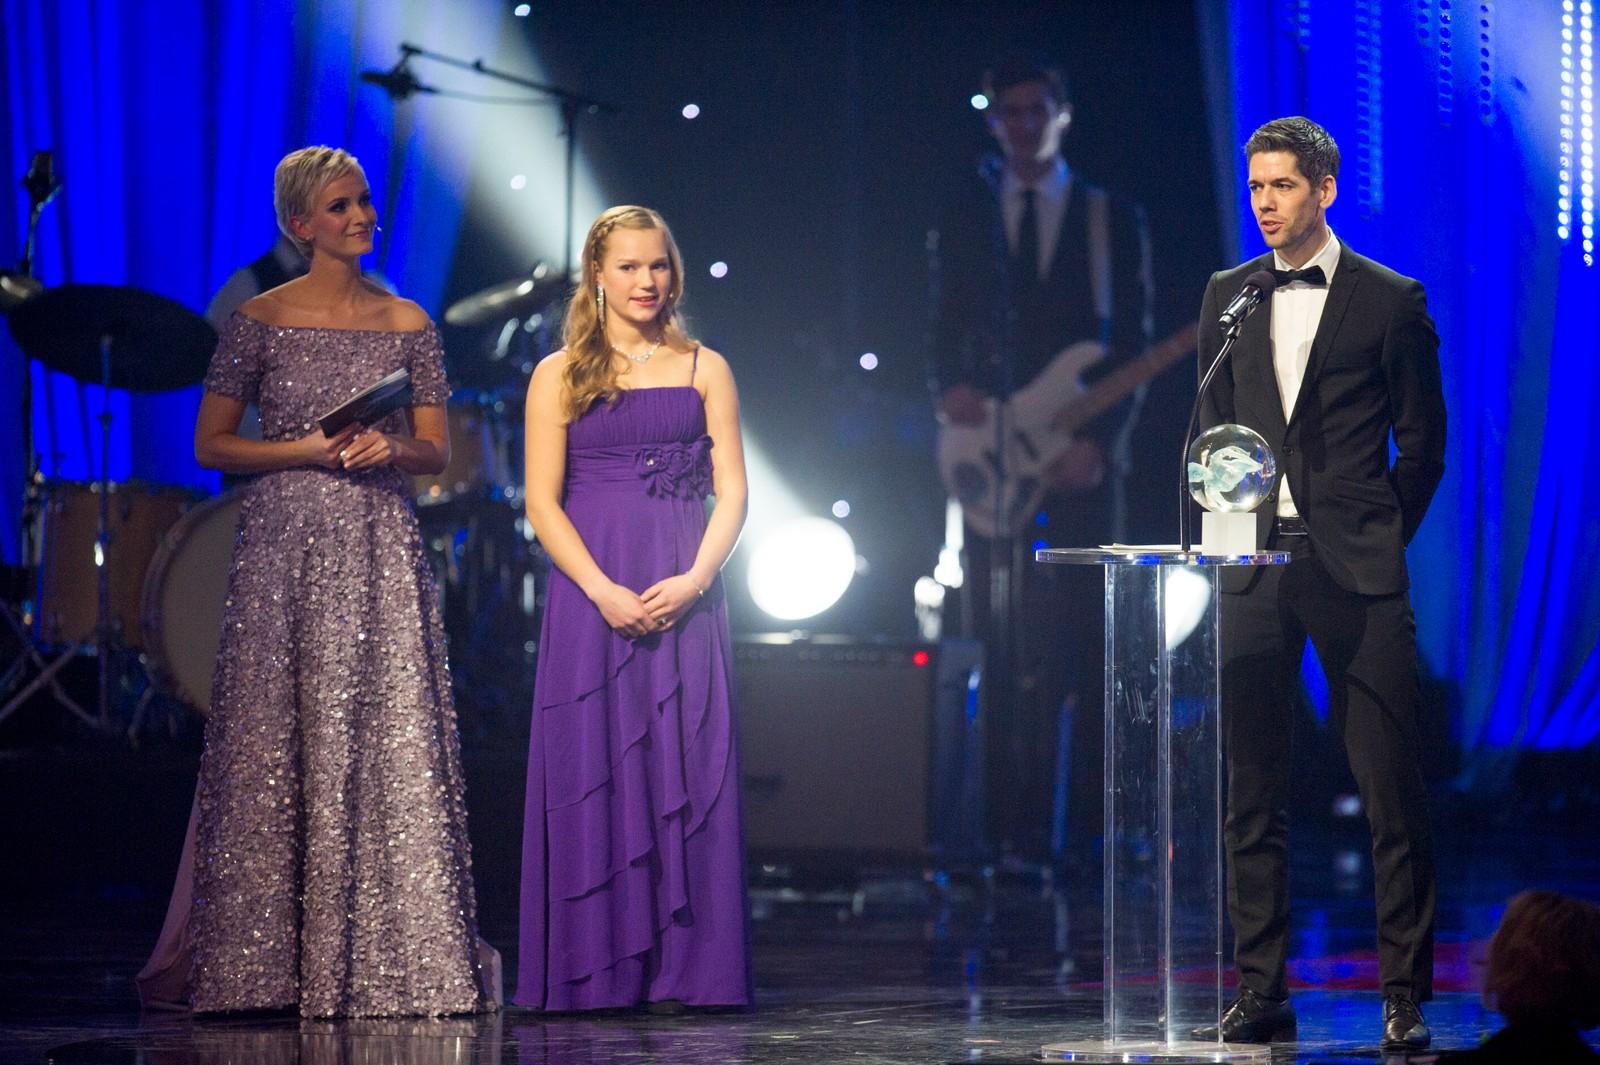 Hopplandslaget, her ved Anders Bardal, mottok prisen for «Årets teamprestasjon» fra skiskytter Juni Arnekleiv og programleder Anne Rimmen under Idrettsgallaen 2016 i Håkons Hall på Lillehammer lørdag kveld.